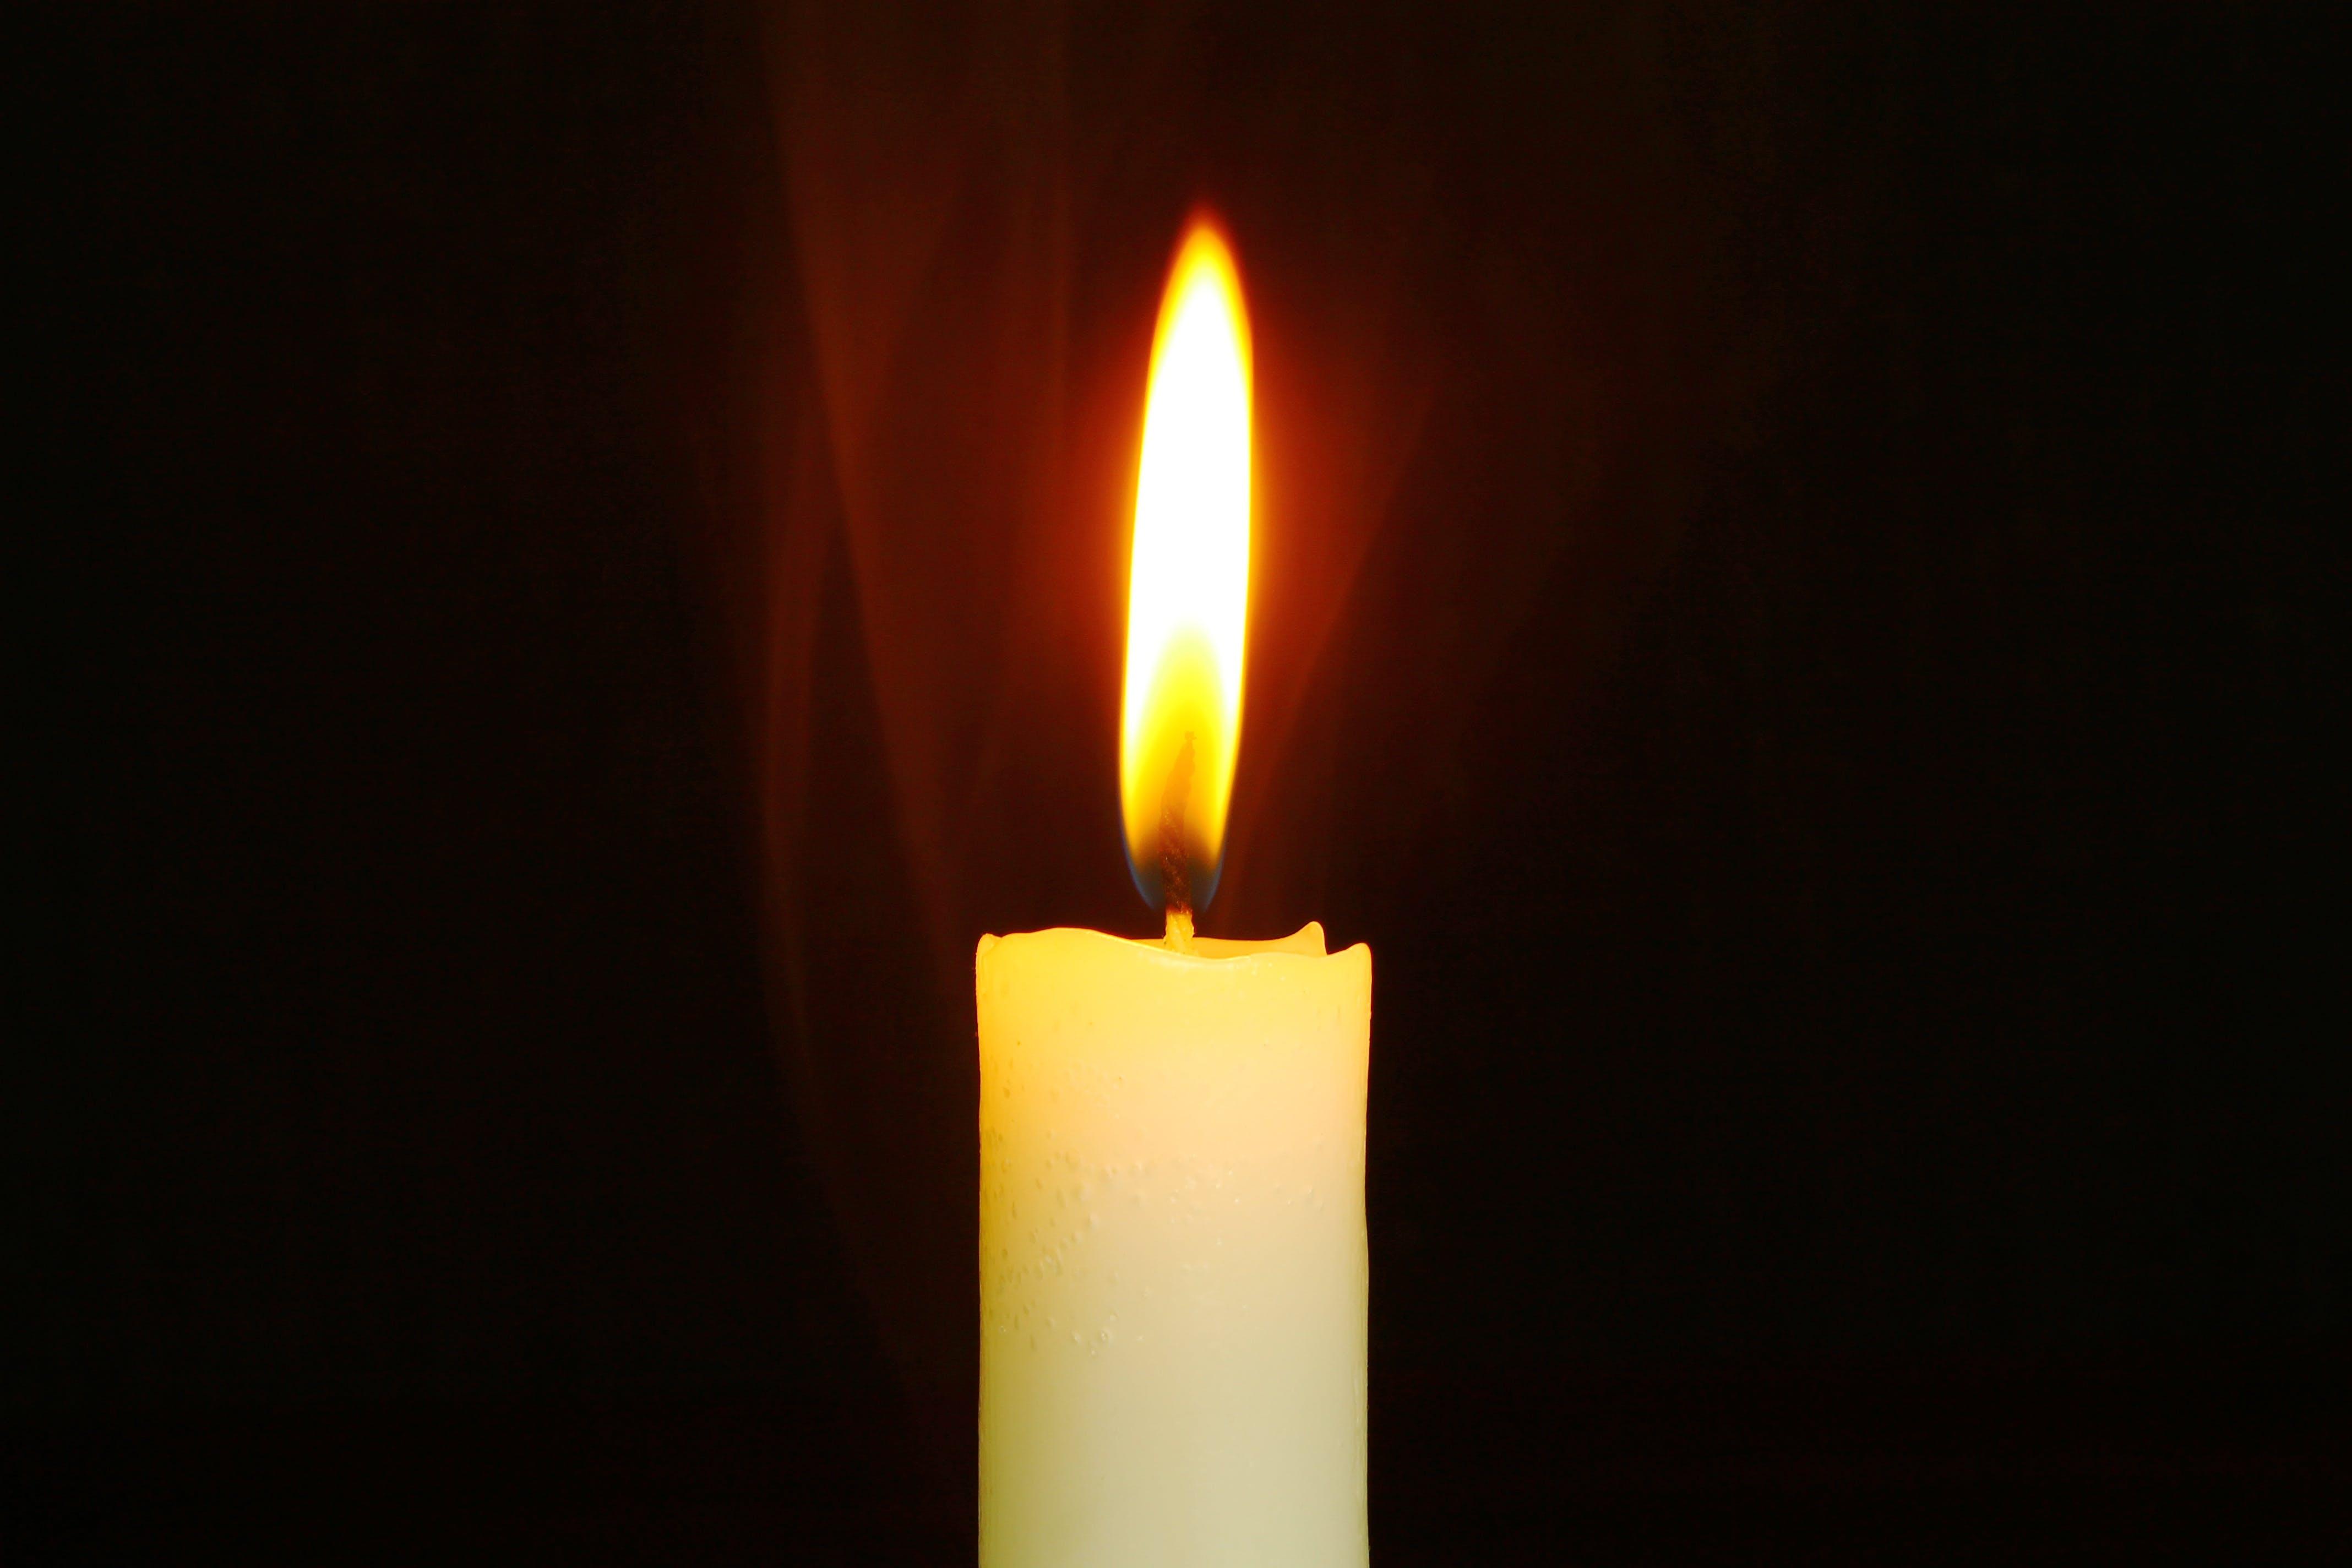 Kostnadsfri bild av belyst, bränna, firande, flamma